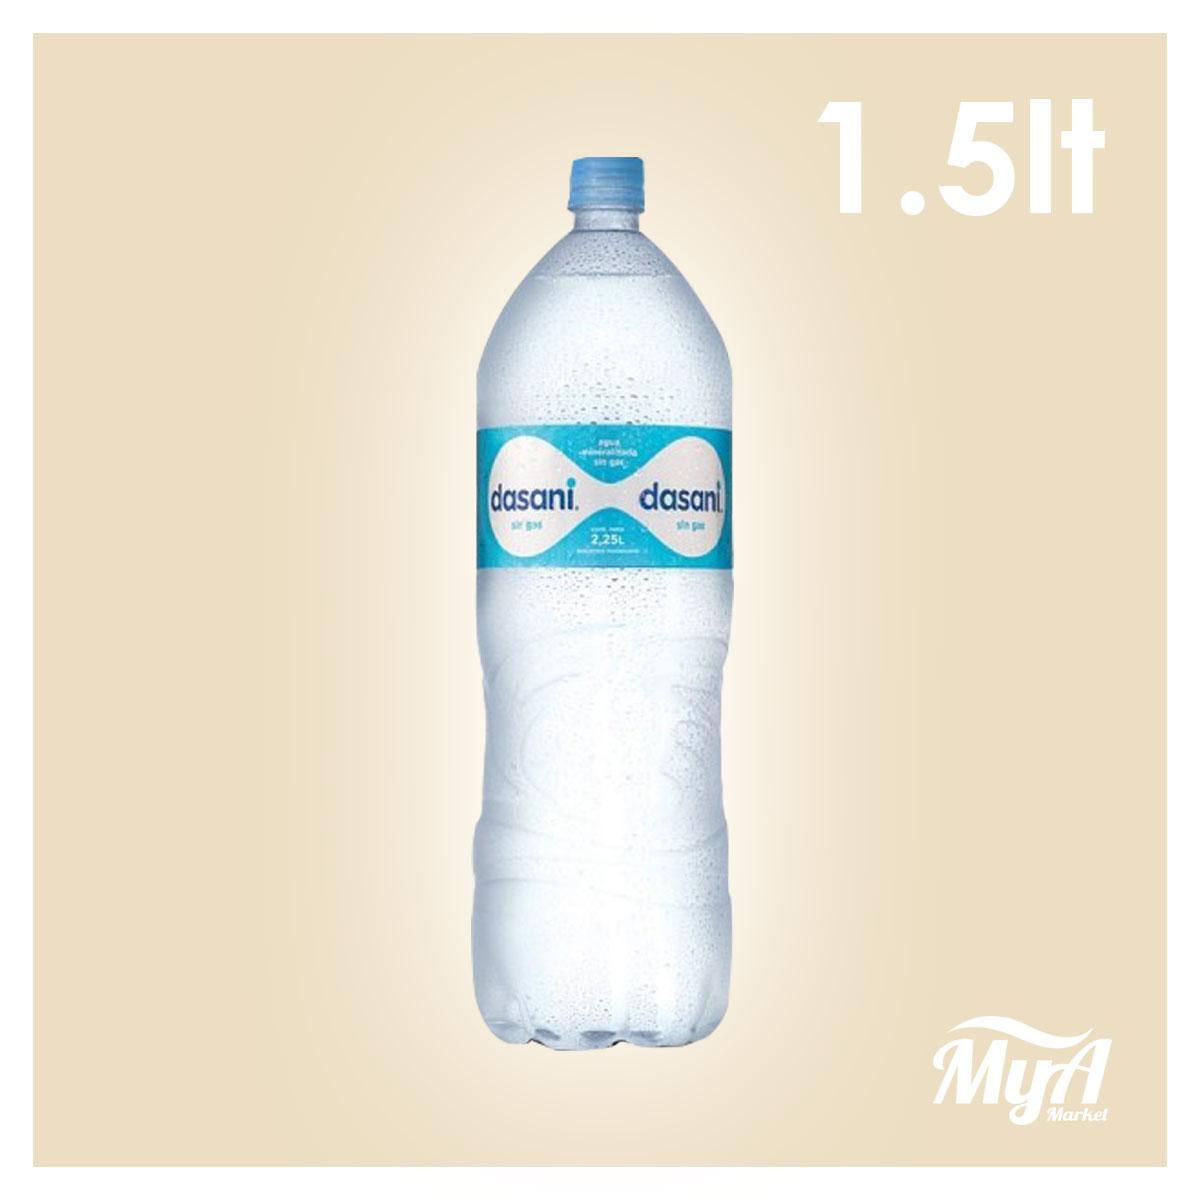 Agua Dasani 1.5L